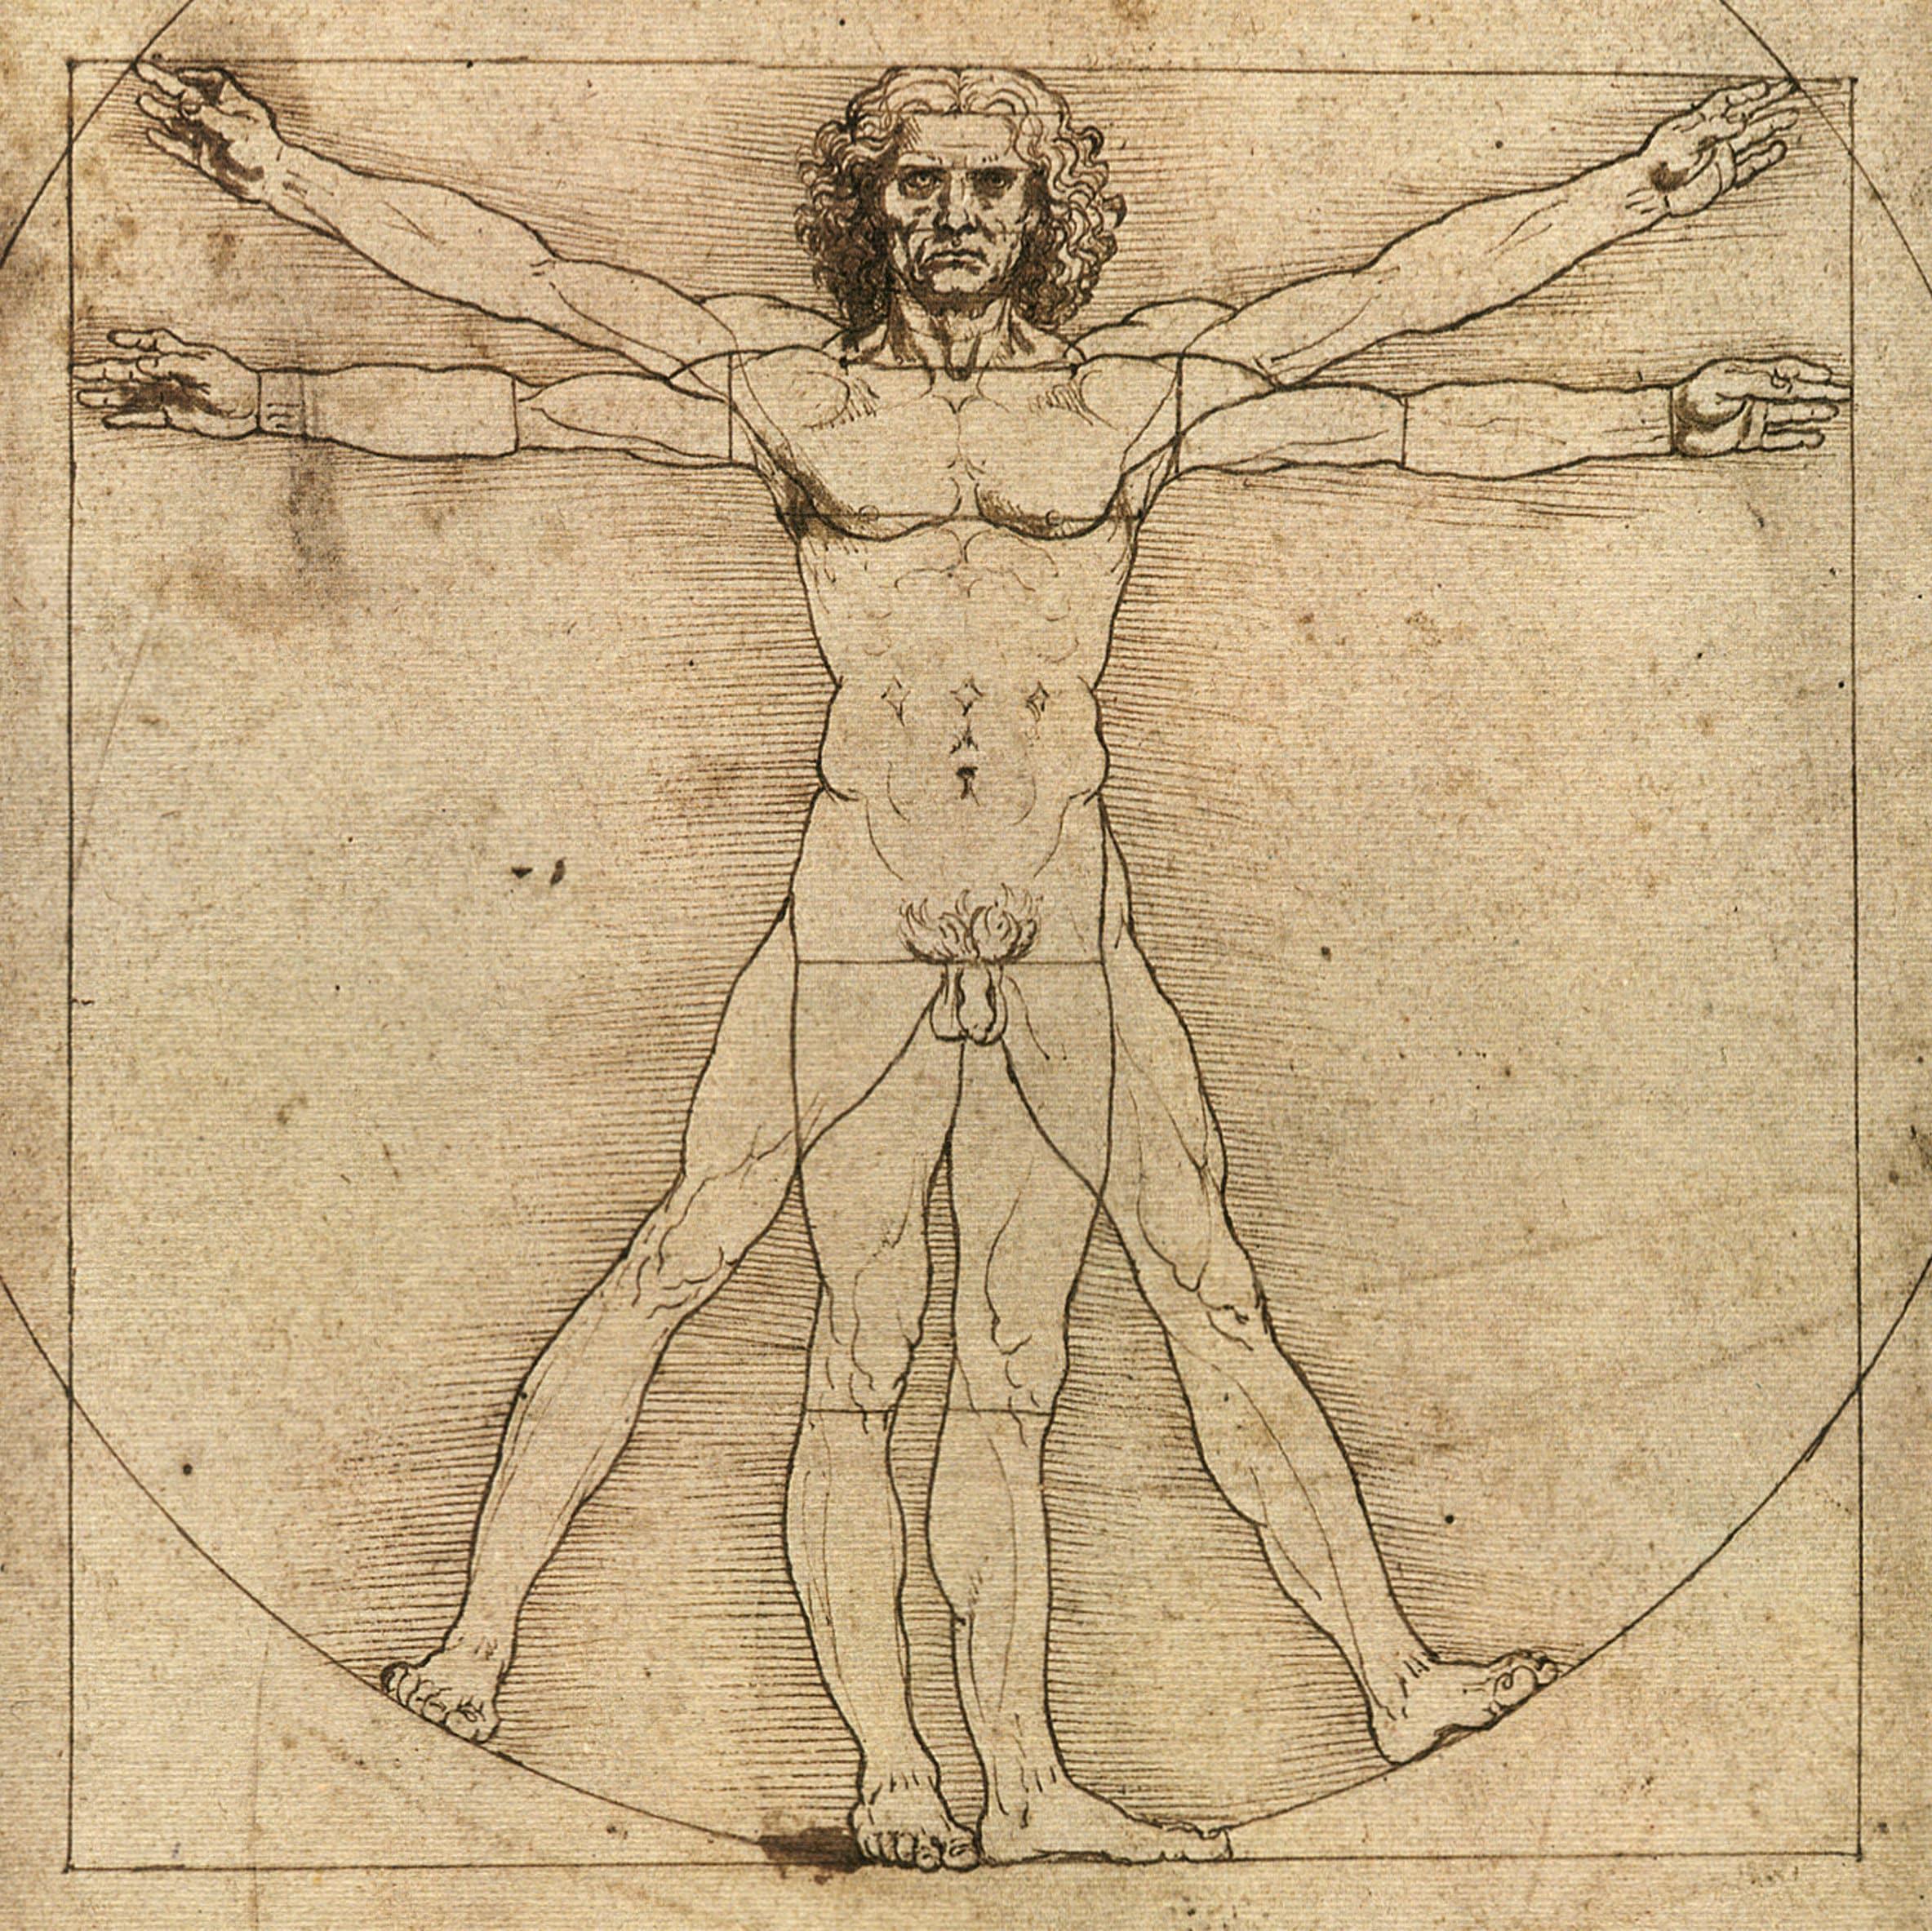 Da Vinci Art Prints by DaVinciArtPrints on Etsy